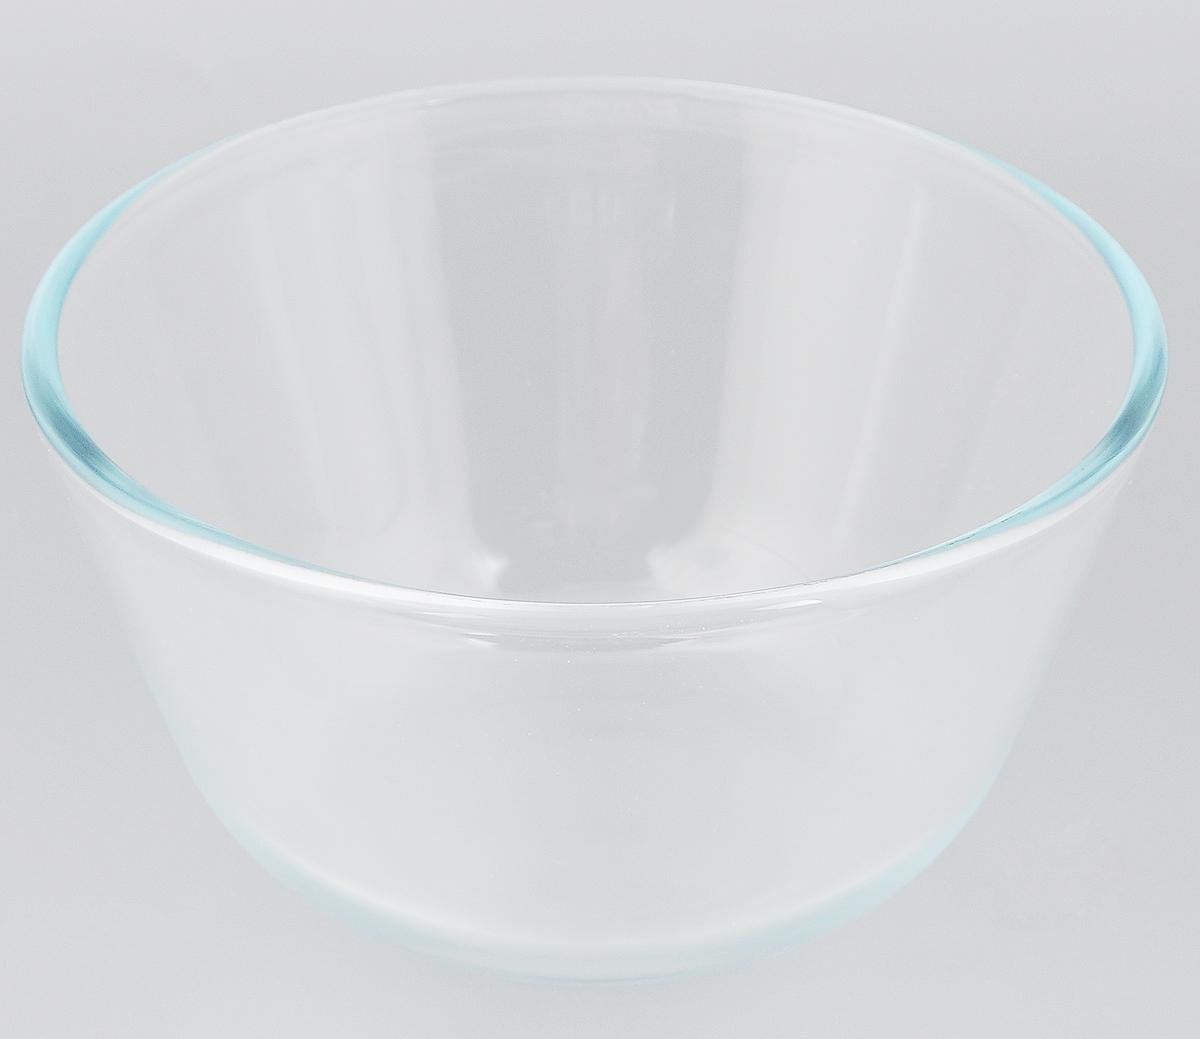 Миска VGP, 1,25 л597Миска VGP изготовлена из термостойкого и экологически чистого стекла. Предназначена для приготовления пищи в духовке, жарочном шкафу и микроволновой печи. Миска прекрасно подойдет для хранения и замораживания различных продуктов, а также для сервировки и декоративного оформления праздничного стола.Миска VGP станет незаменимым аксессуаром на кухне для любой хозяйки.Можно мыть в посудомоечной машине. Высота стенки: 9,5 см. Диаметр миски (по верхнему краю): 17 см.